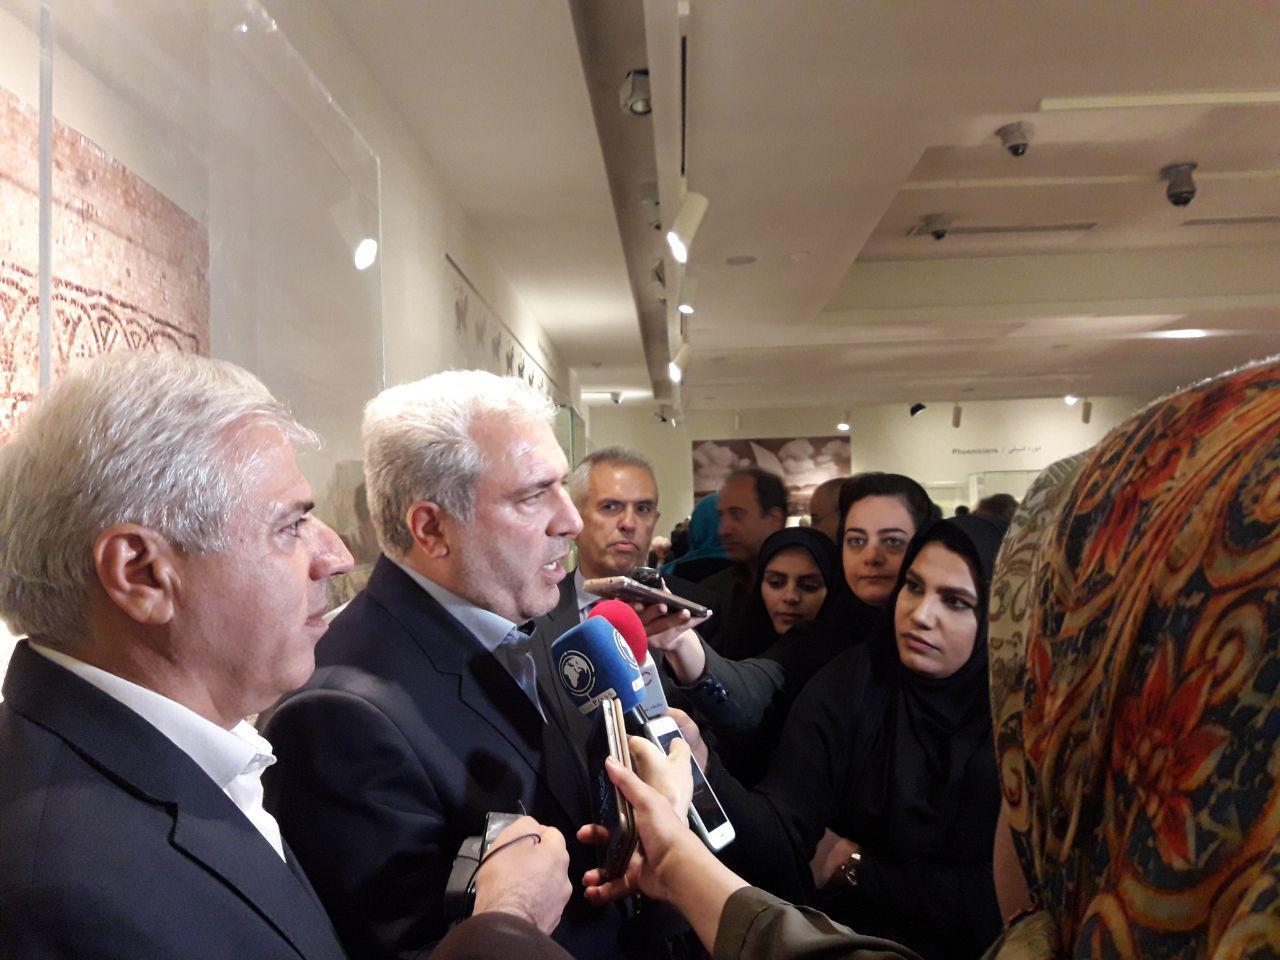 برگزاری نمایشگاه های مشترک به دیپلماسی فرهنگی کمک می کند